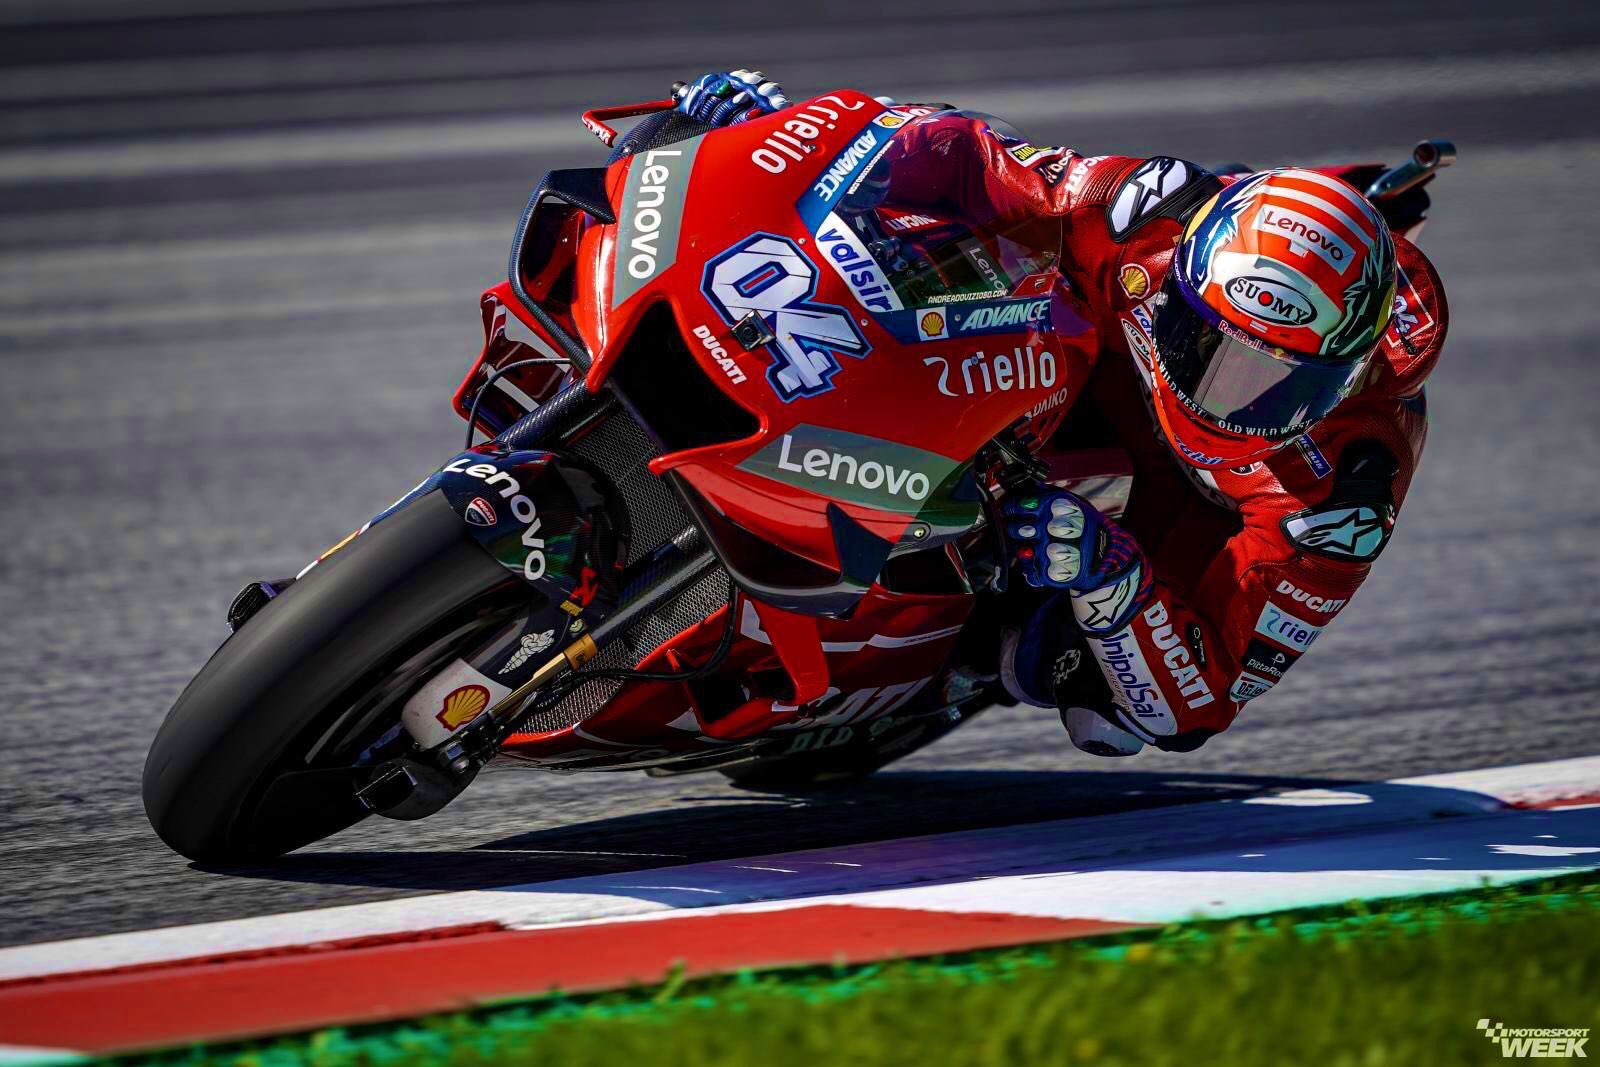 El italiano sorprendió en los últimos metros al favorito y se tomó el circuito Red Bull Ring de Spielberg